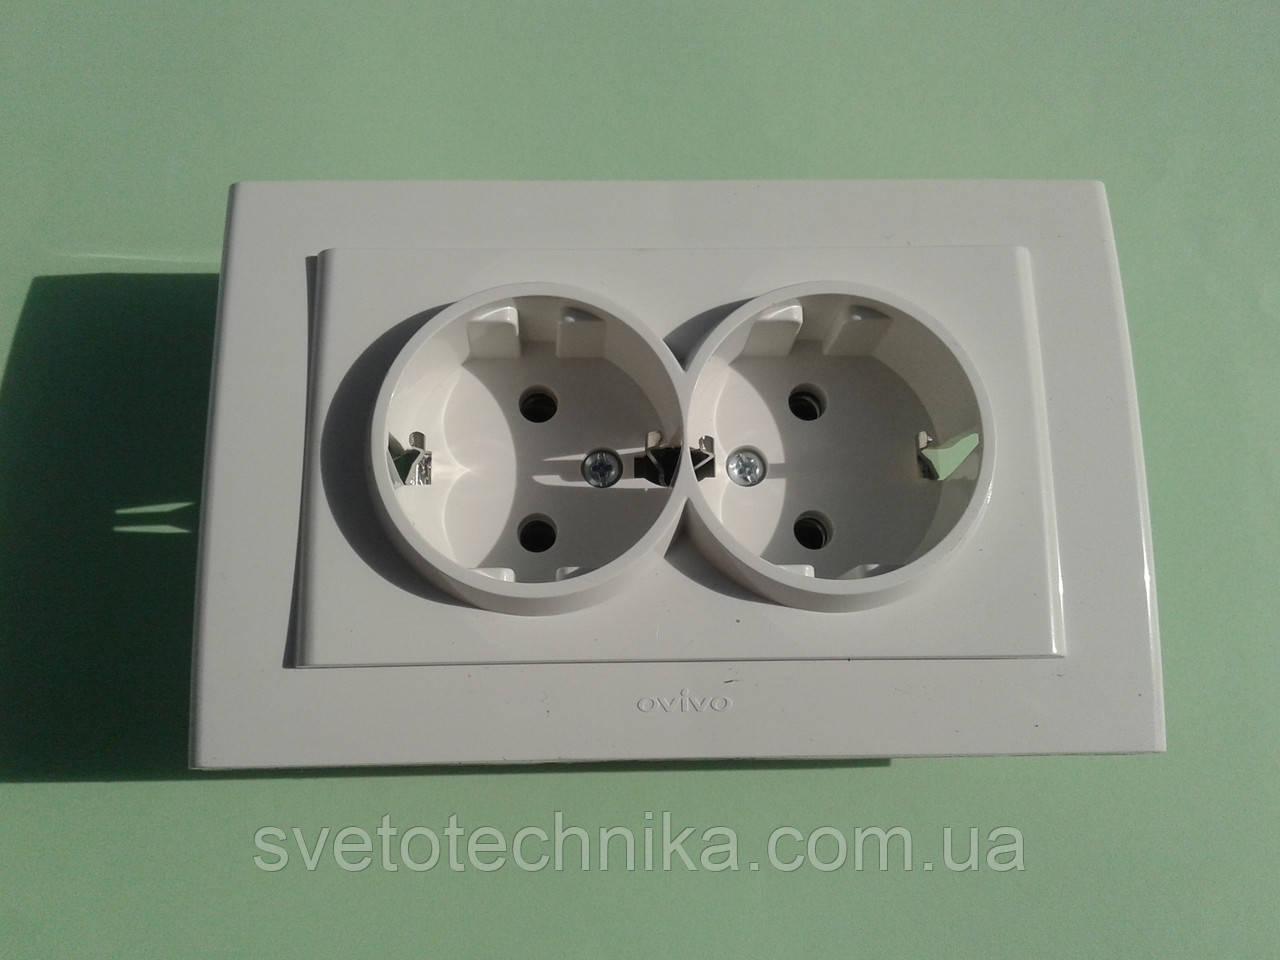 Розетка электрическая OVIVO Mina  двойная с заземлением (белая)